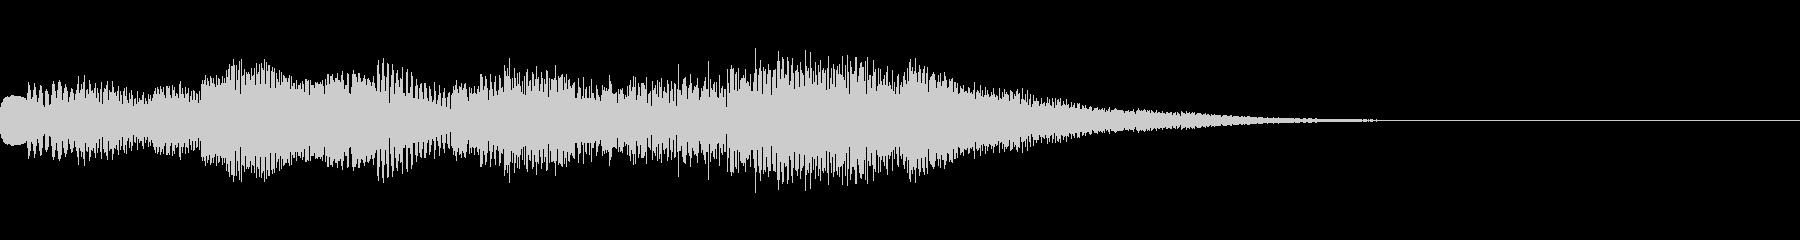 キラリラリン キラリラリンの未再生の波形